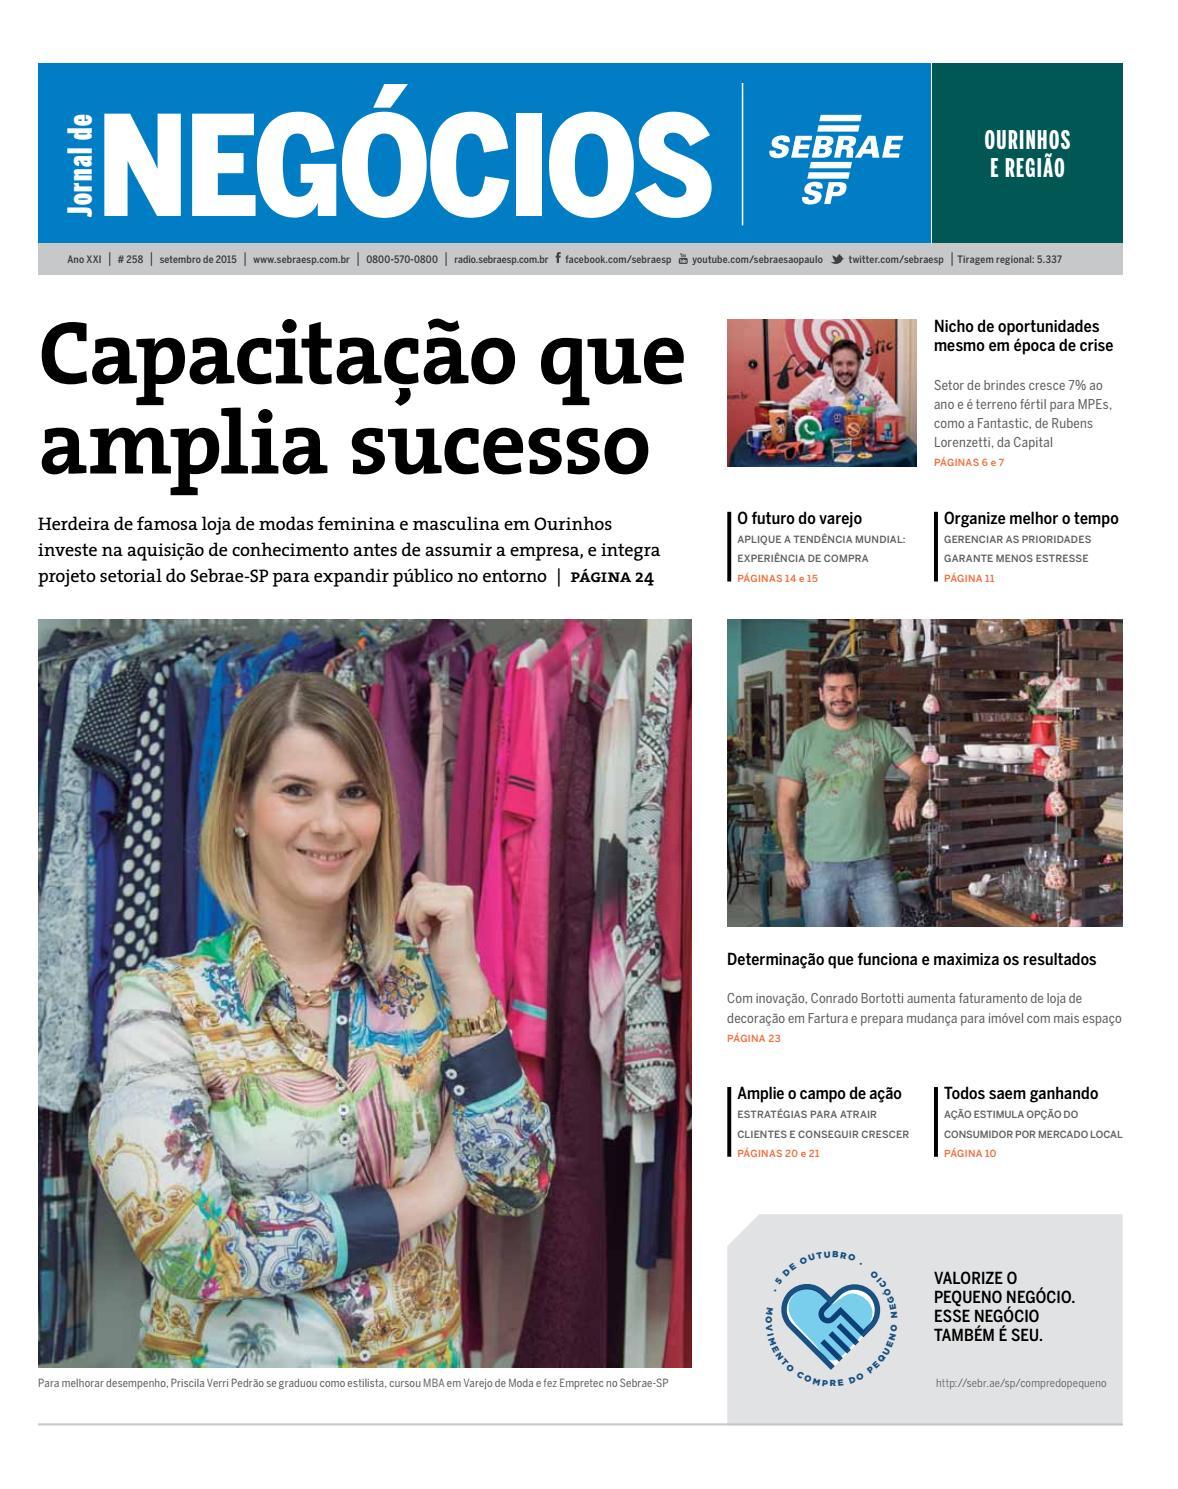 0a9e200b7f4 Jornal de Negócios Sebrae-SP - 01 de setembro de 2015 - Ourinhos e Região  by Sebrae-SP - issuu